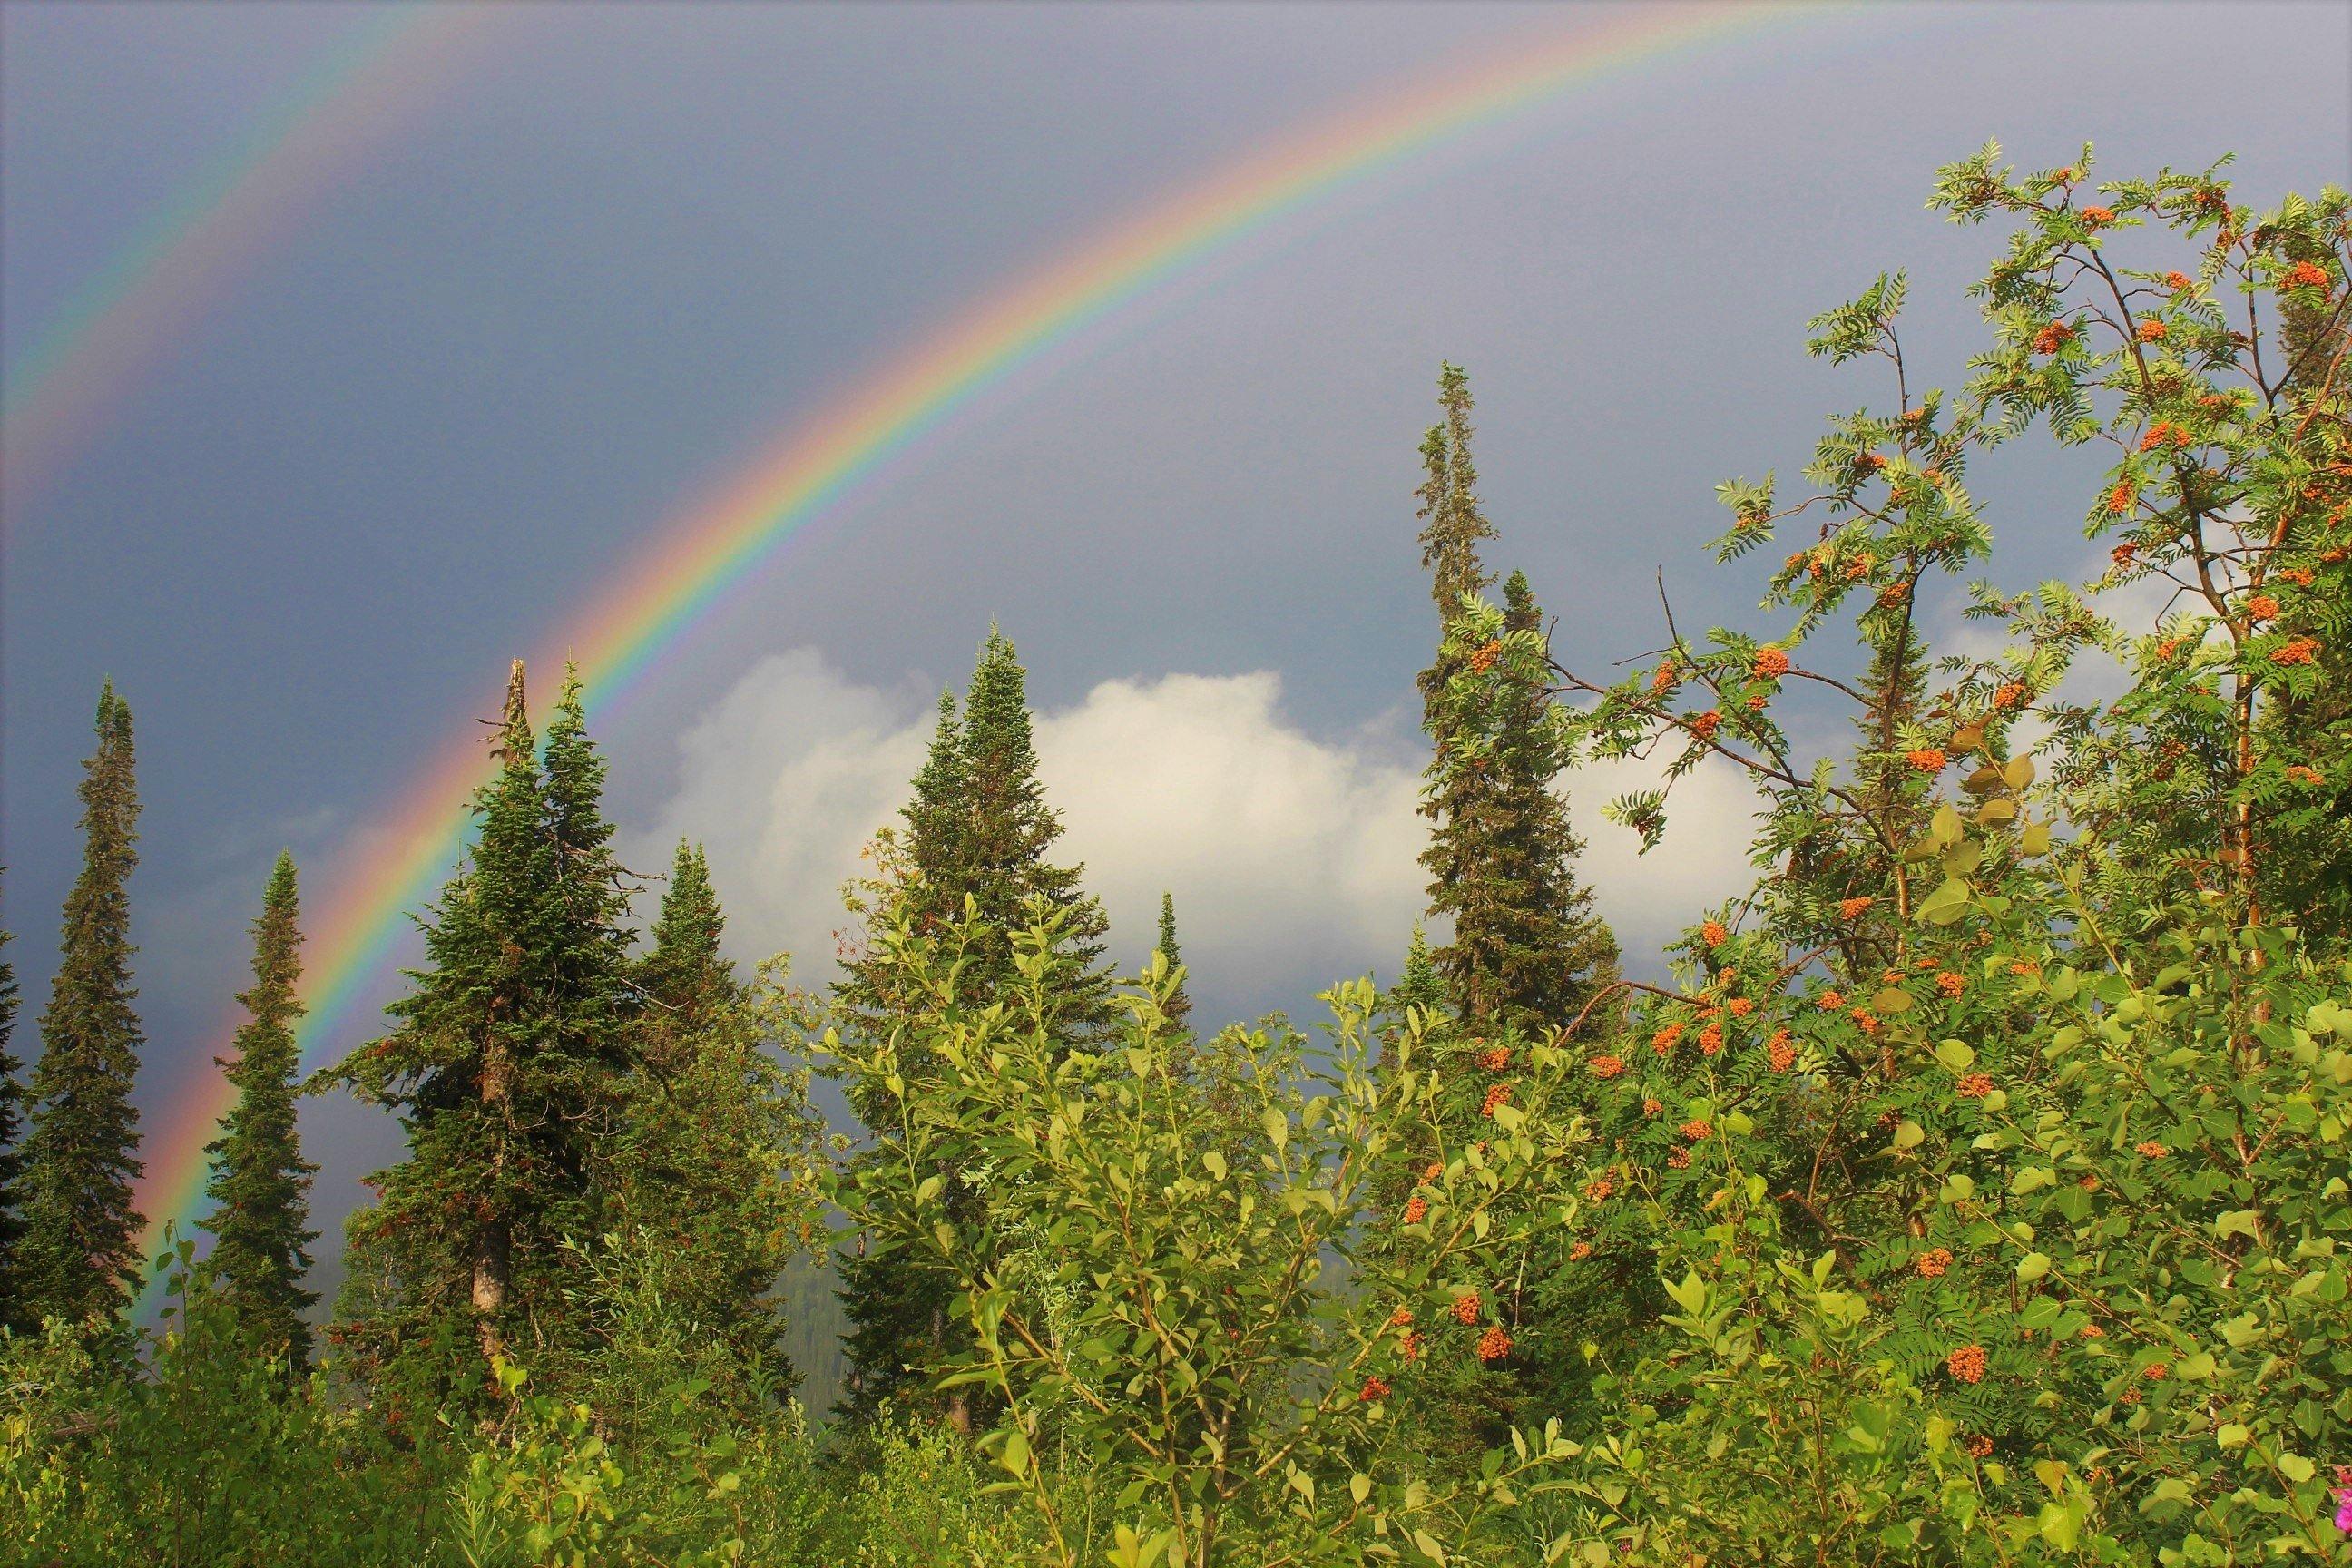 магазинов фото радуги после дождя предлагаем вам вспомнить